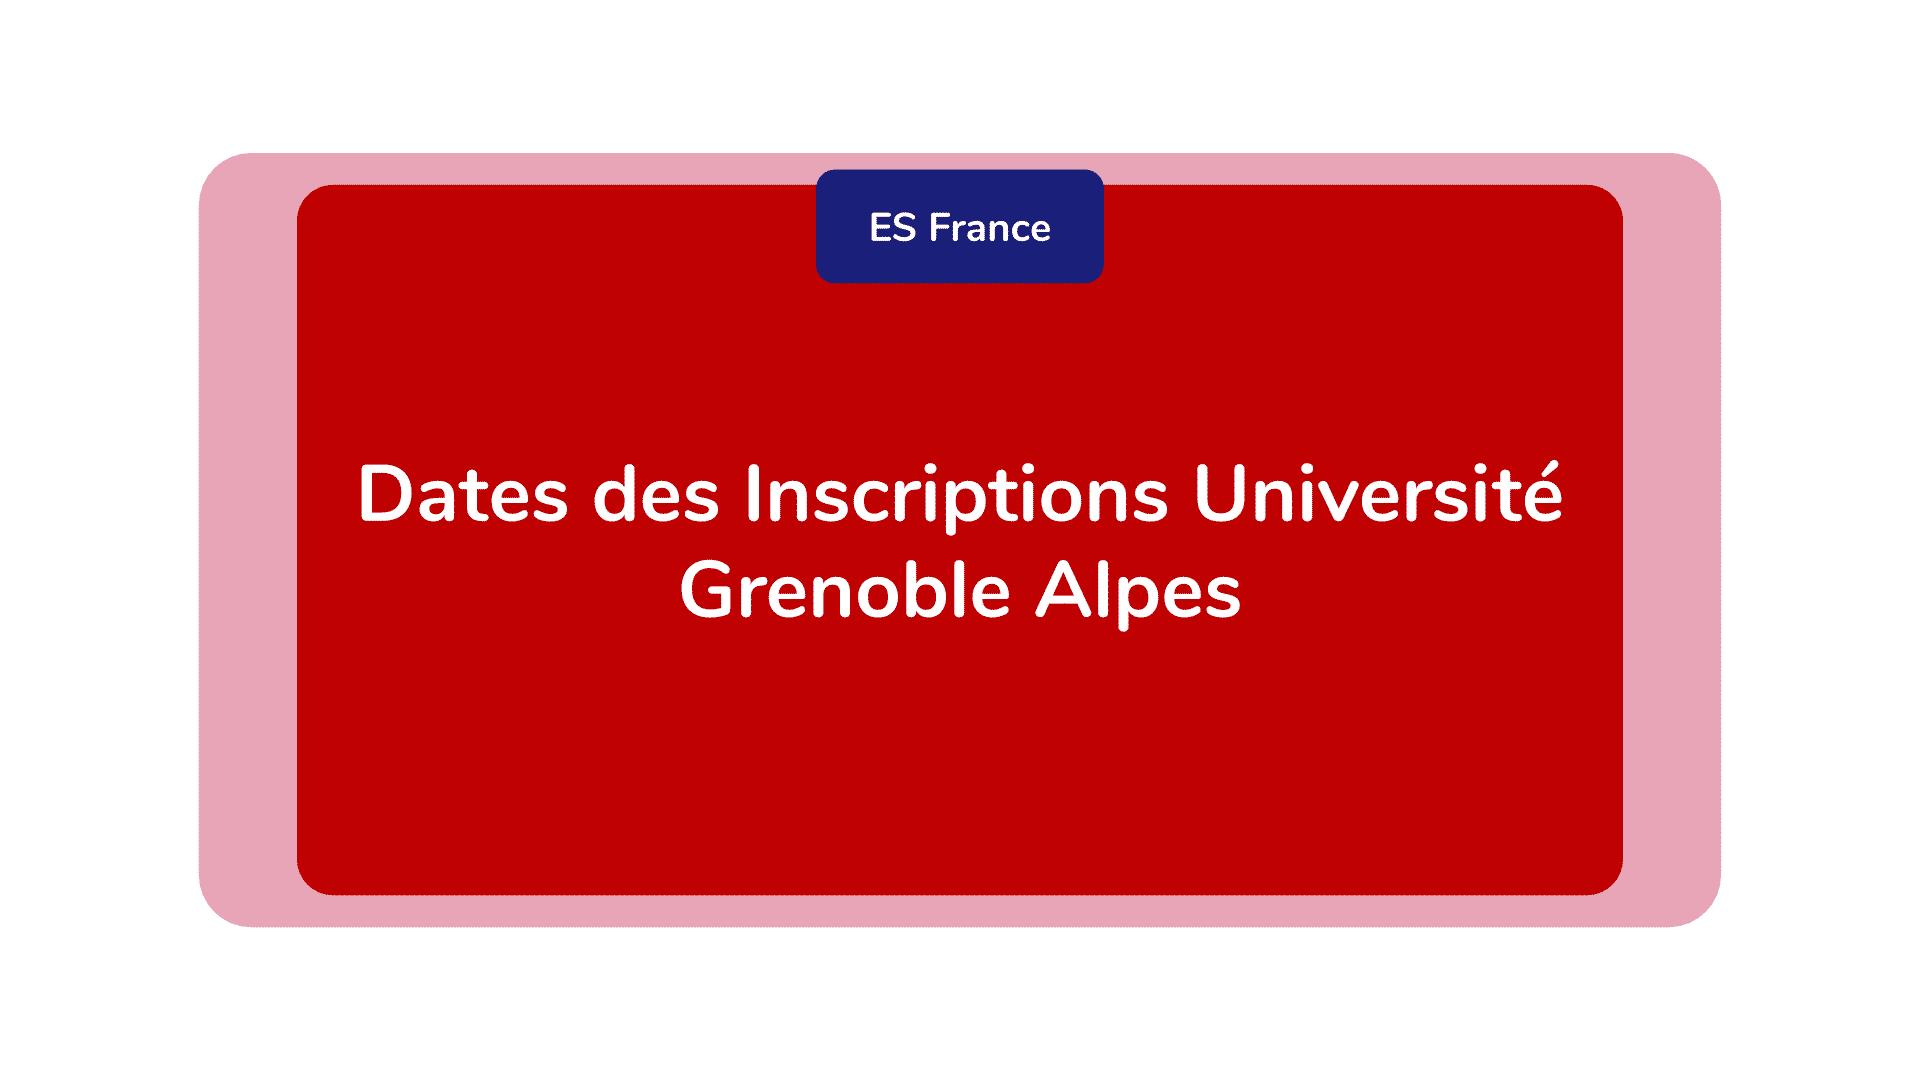 Dates des Inscriptions Université Grenoble Alpes